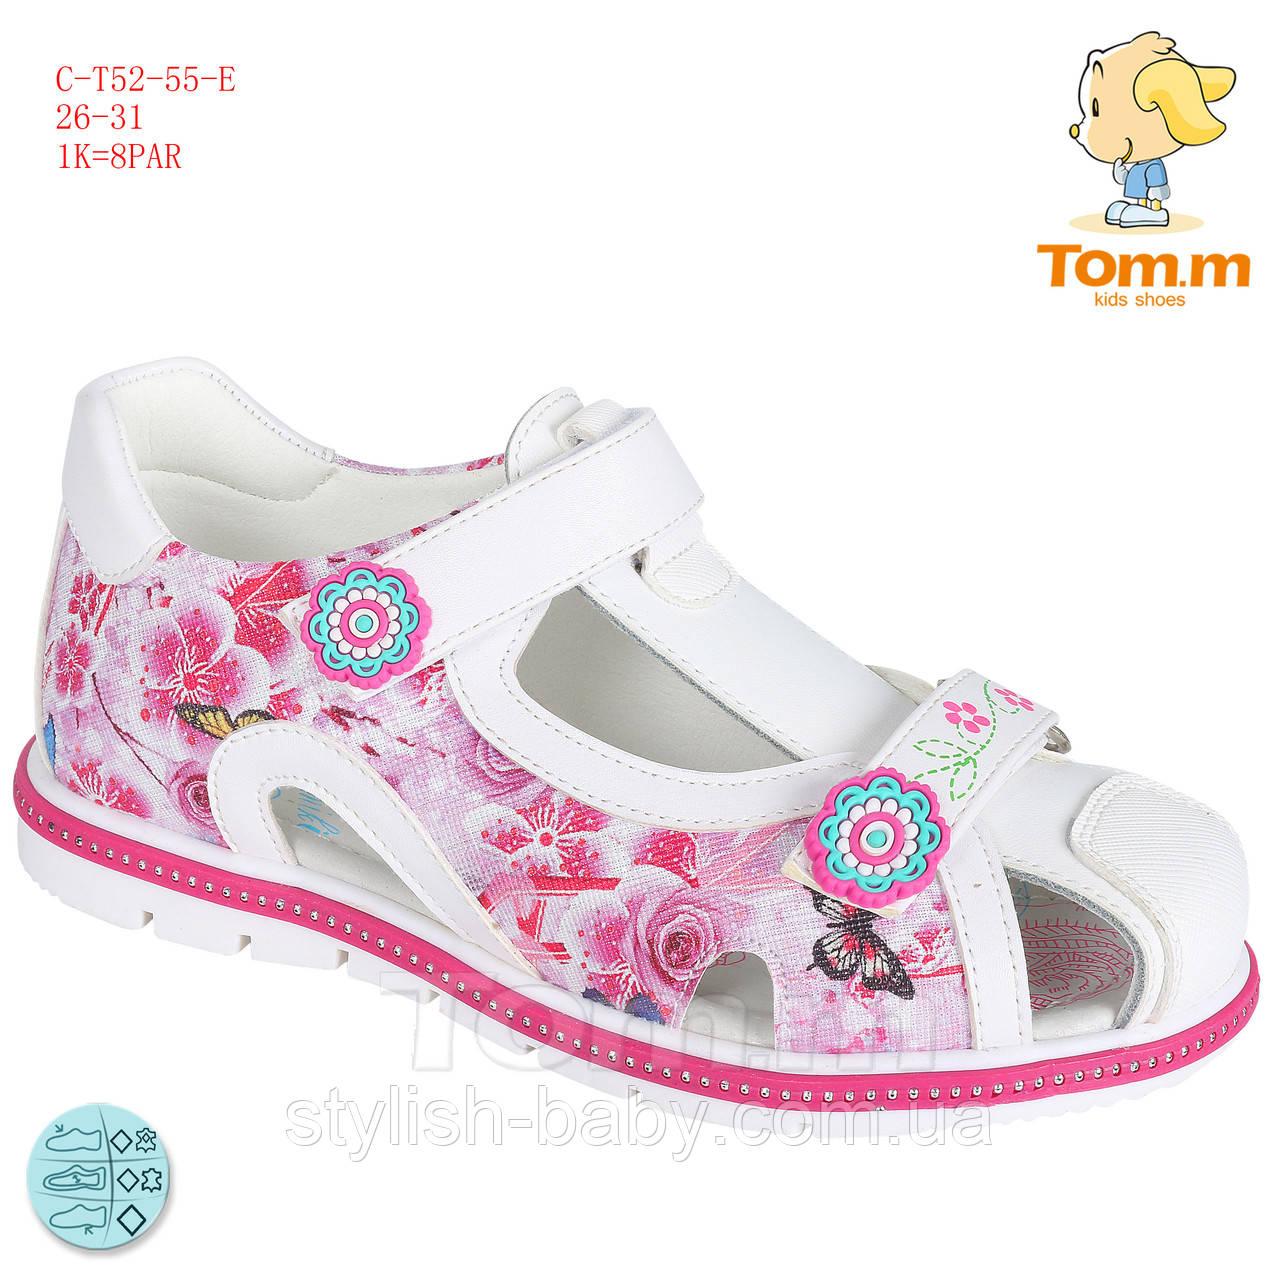 Дитяче літнє взуття оптом. Дитячі босоніжки бренду Tom.m для дівчаток (рр. з 26 по 31)